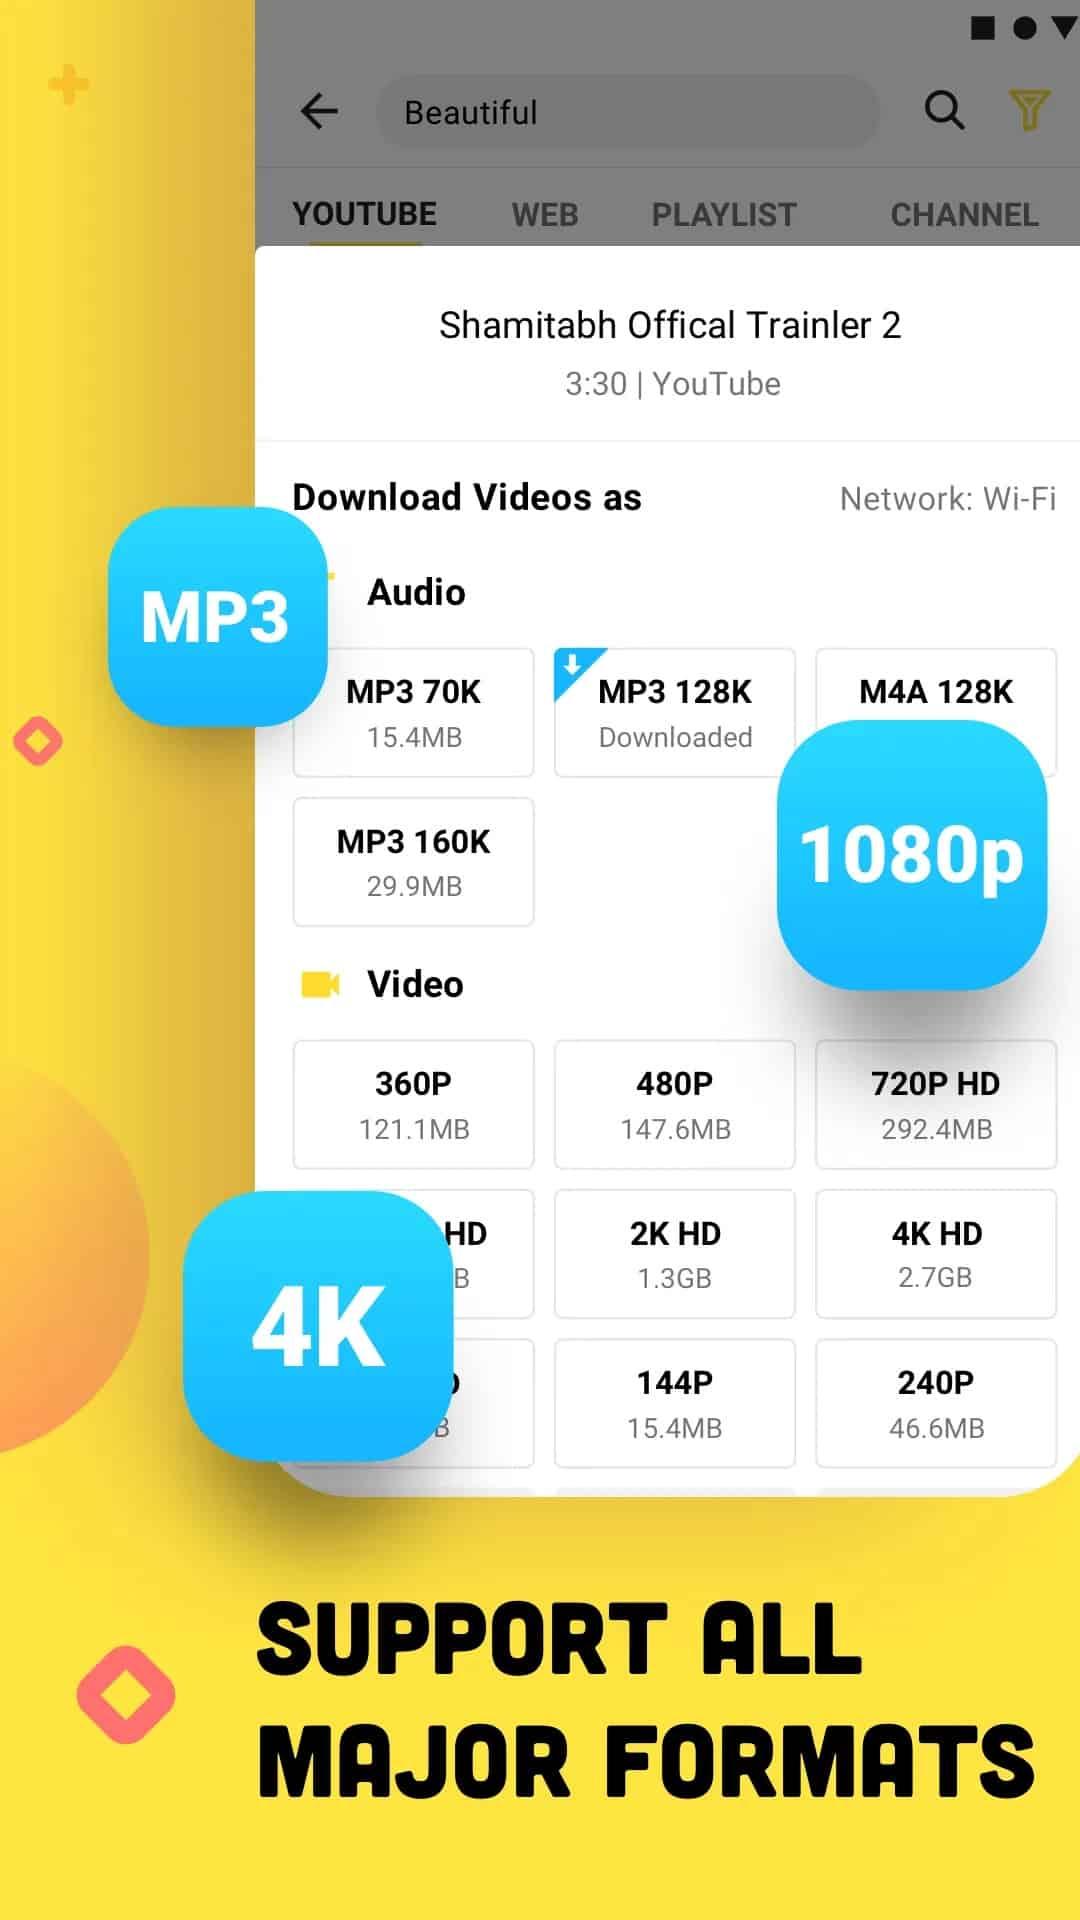 Secara otomatis akan tampil opsi pilihan untuk format MP3 yang bisa Anda unduh pada video tersebut.